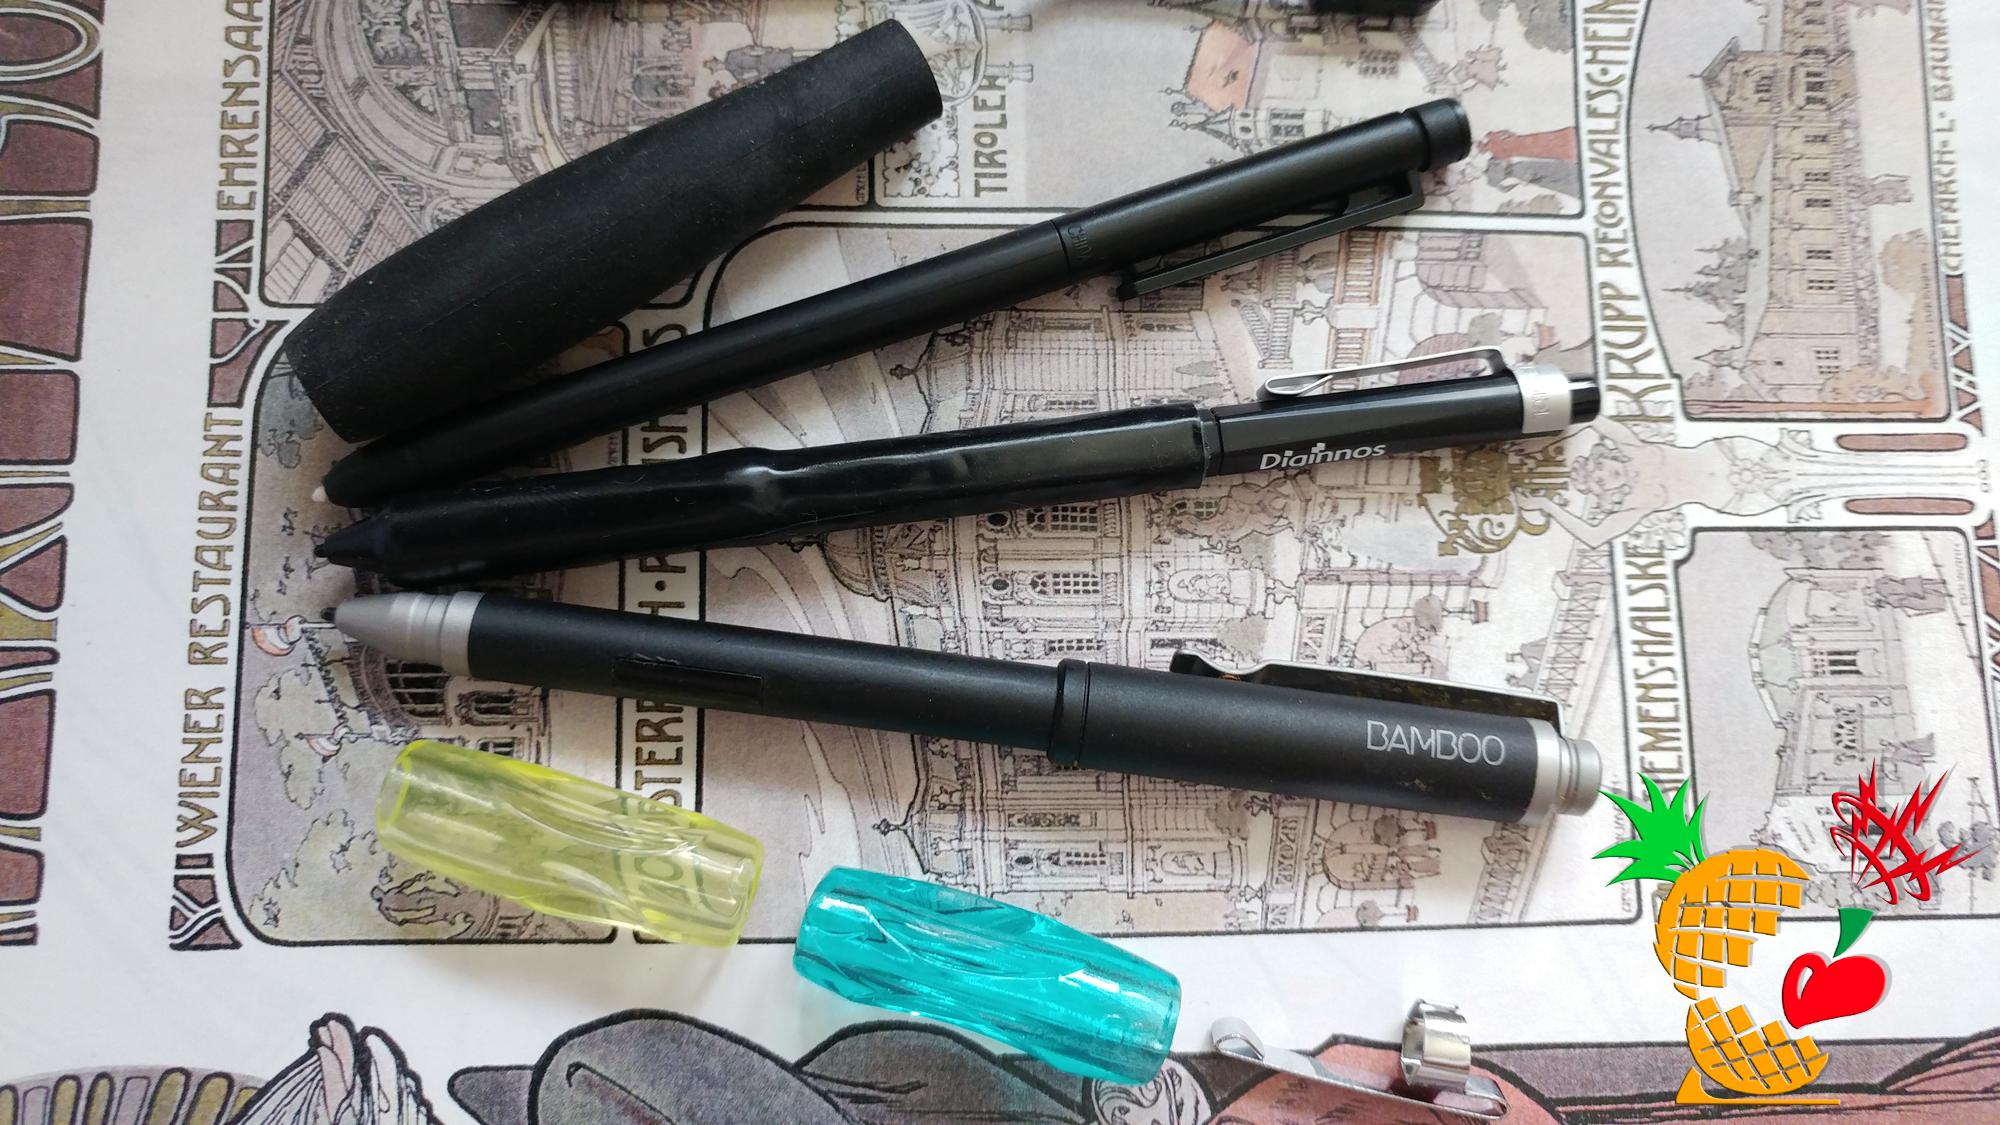 「raytrektab」のペンを自分の使いやすいようにしてみよう ♪